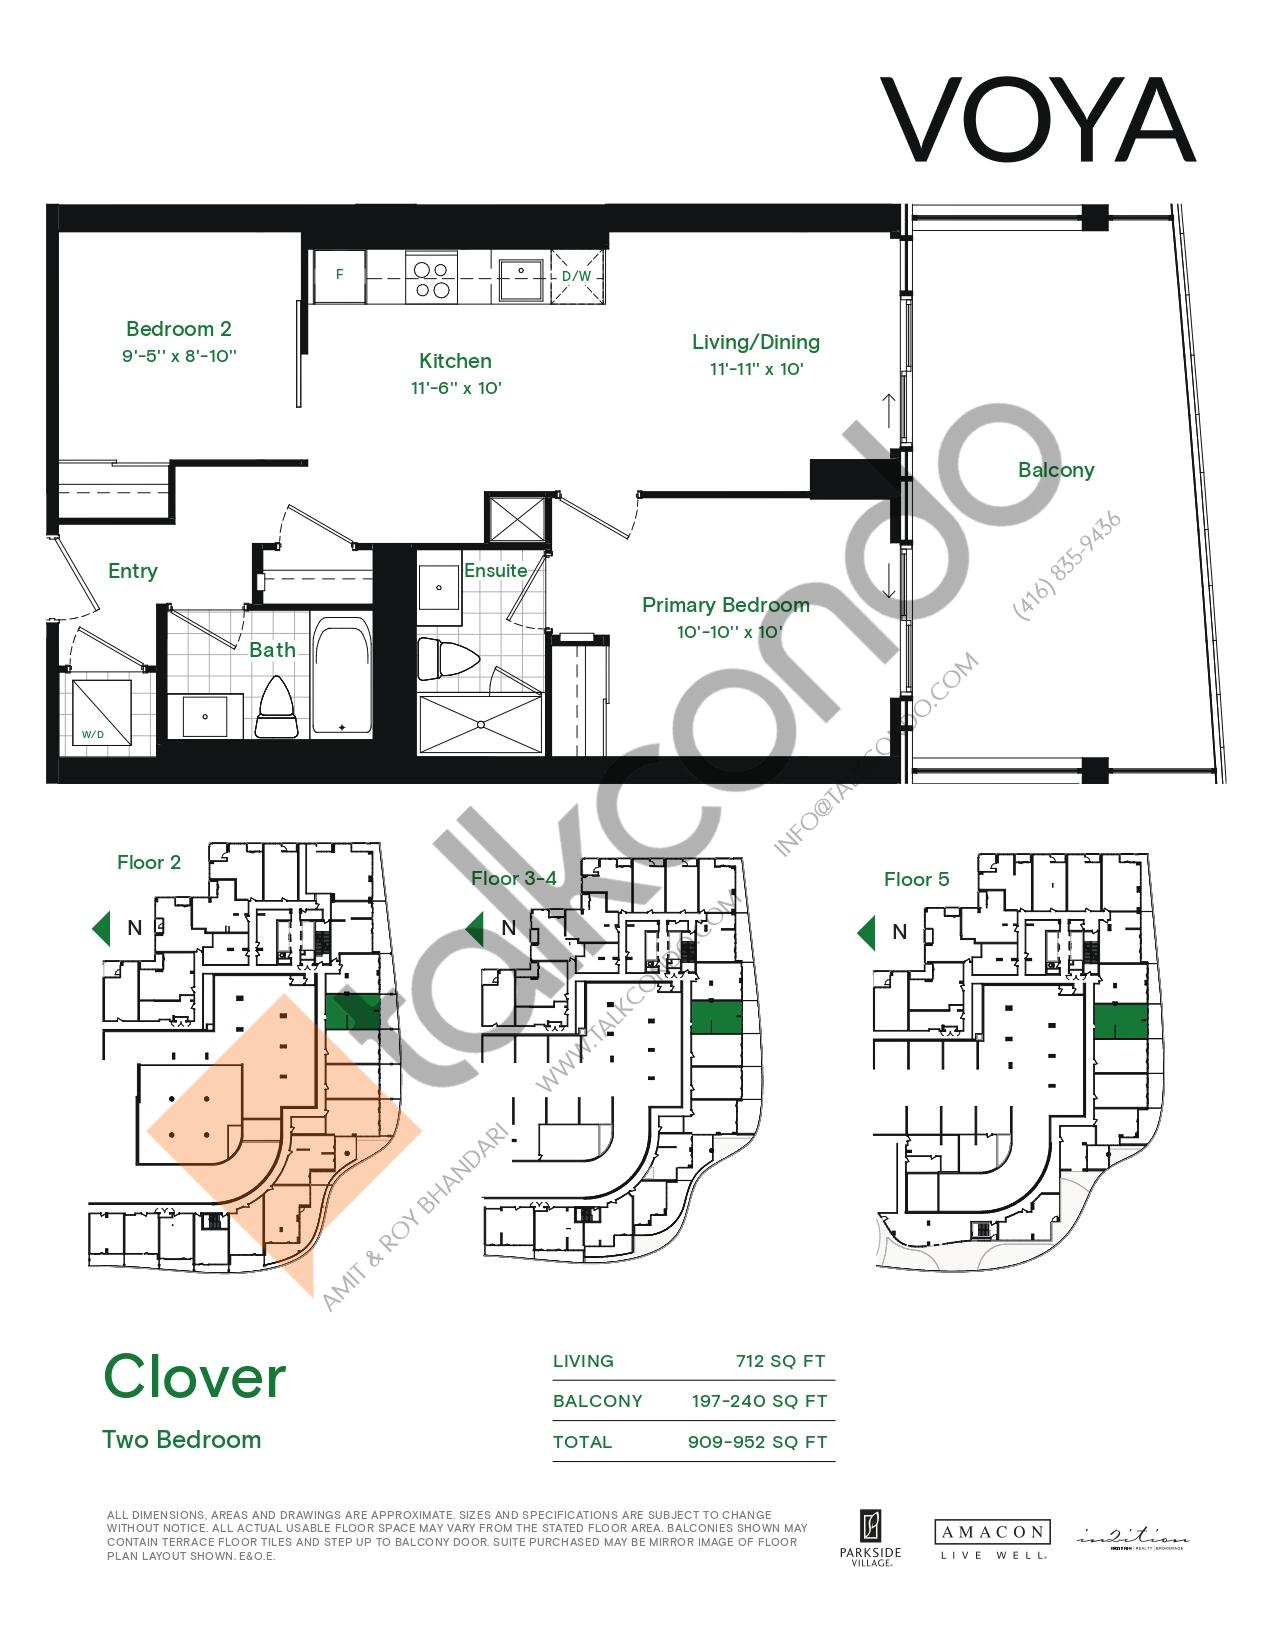 Clover (Podium) Floor Plan at Voya at Parkside Village Condos - 712 sq.ft